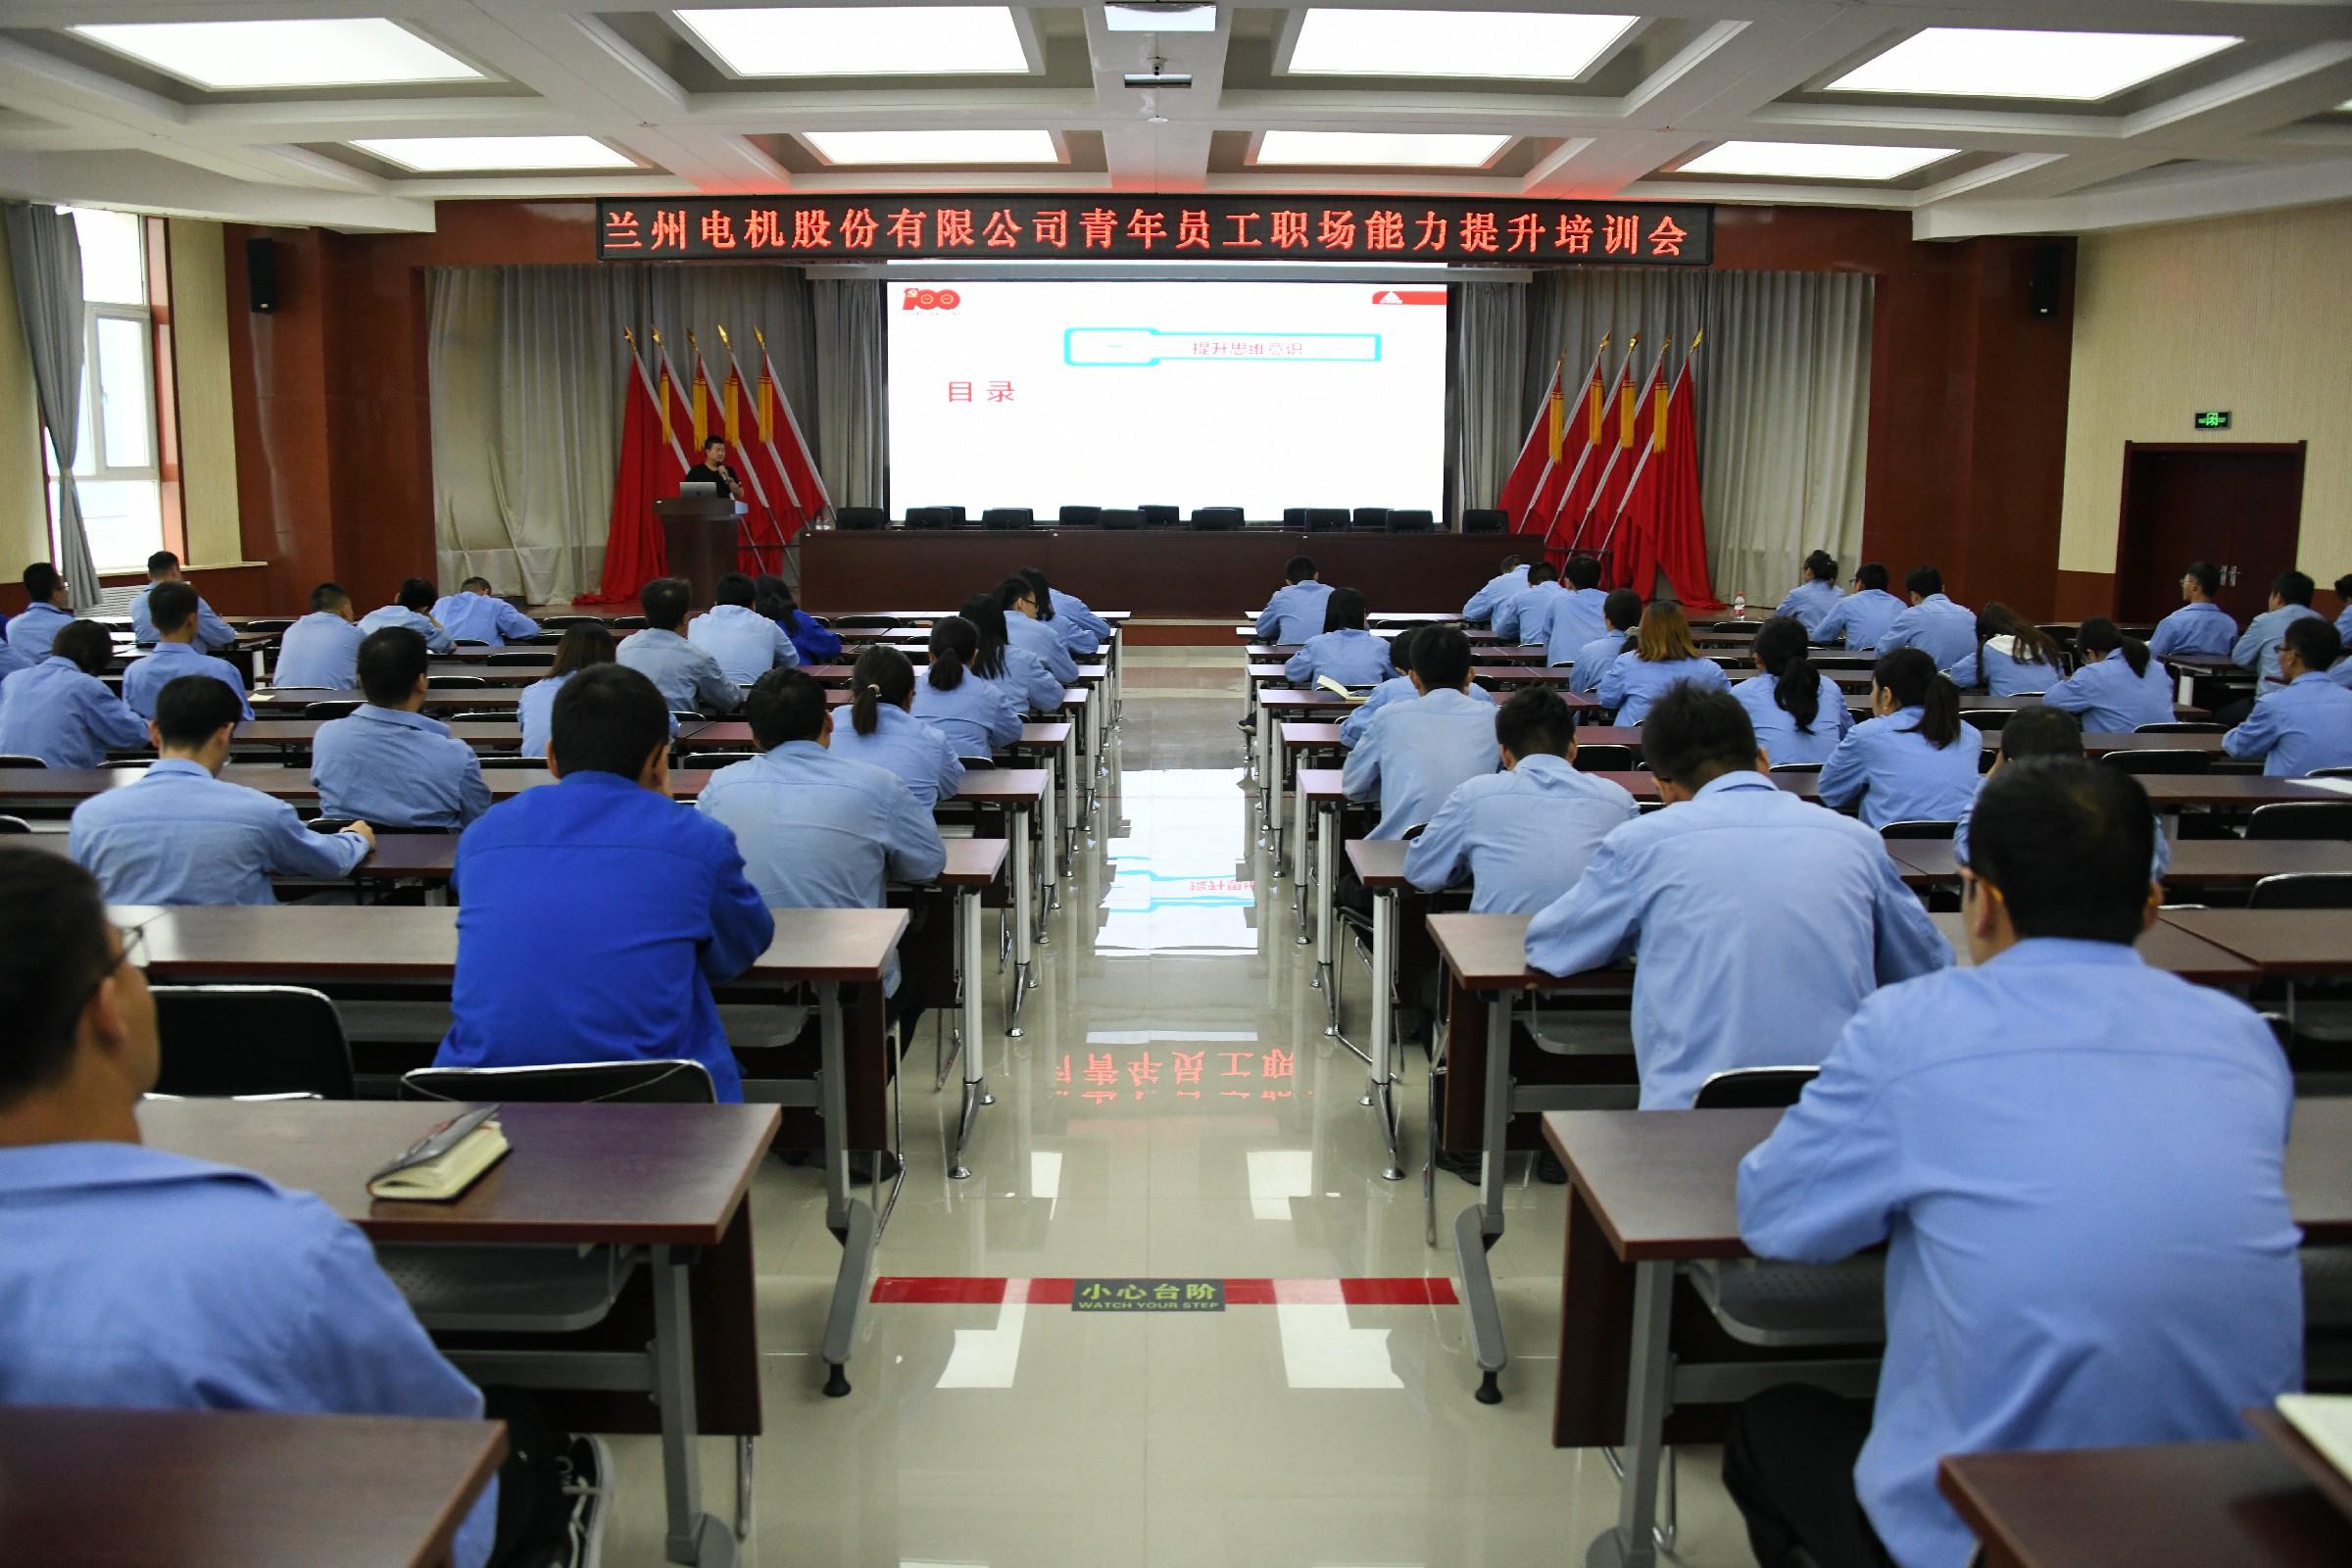 公司團委組織開展青年員工職場能力提升專項培訓